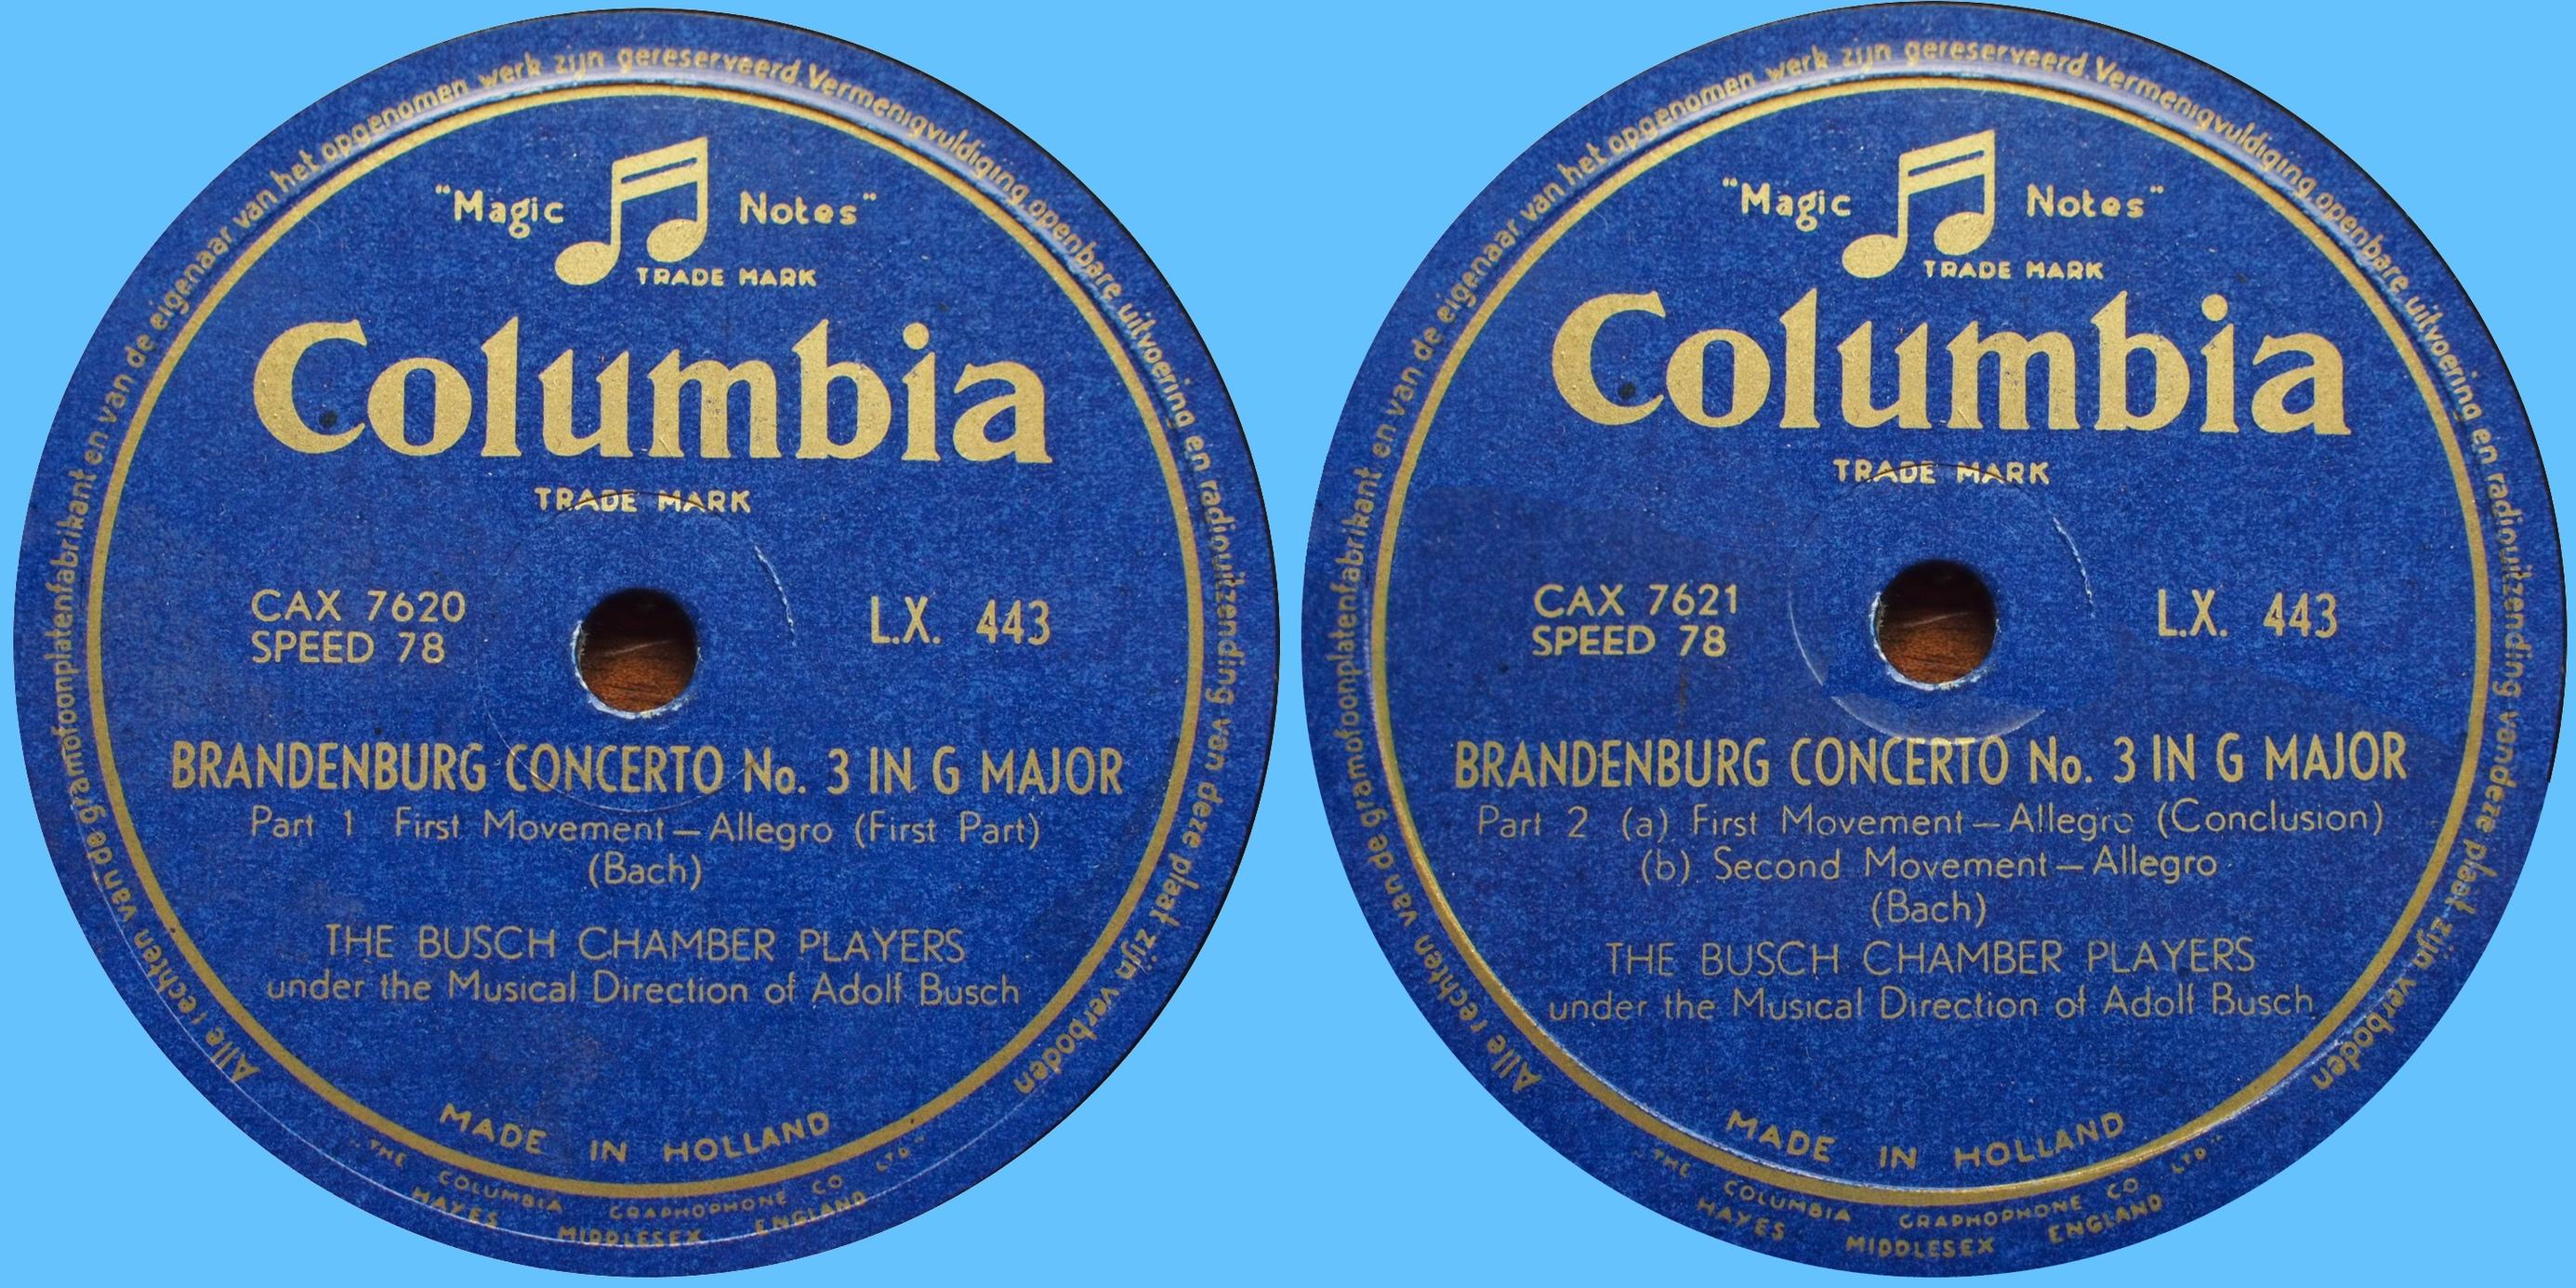 Étiquettes du 78tour Columbia [Matr.-Nr. CAX 7620, 7621], LX 443